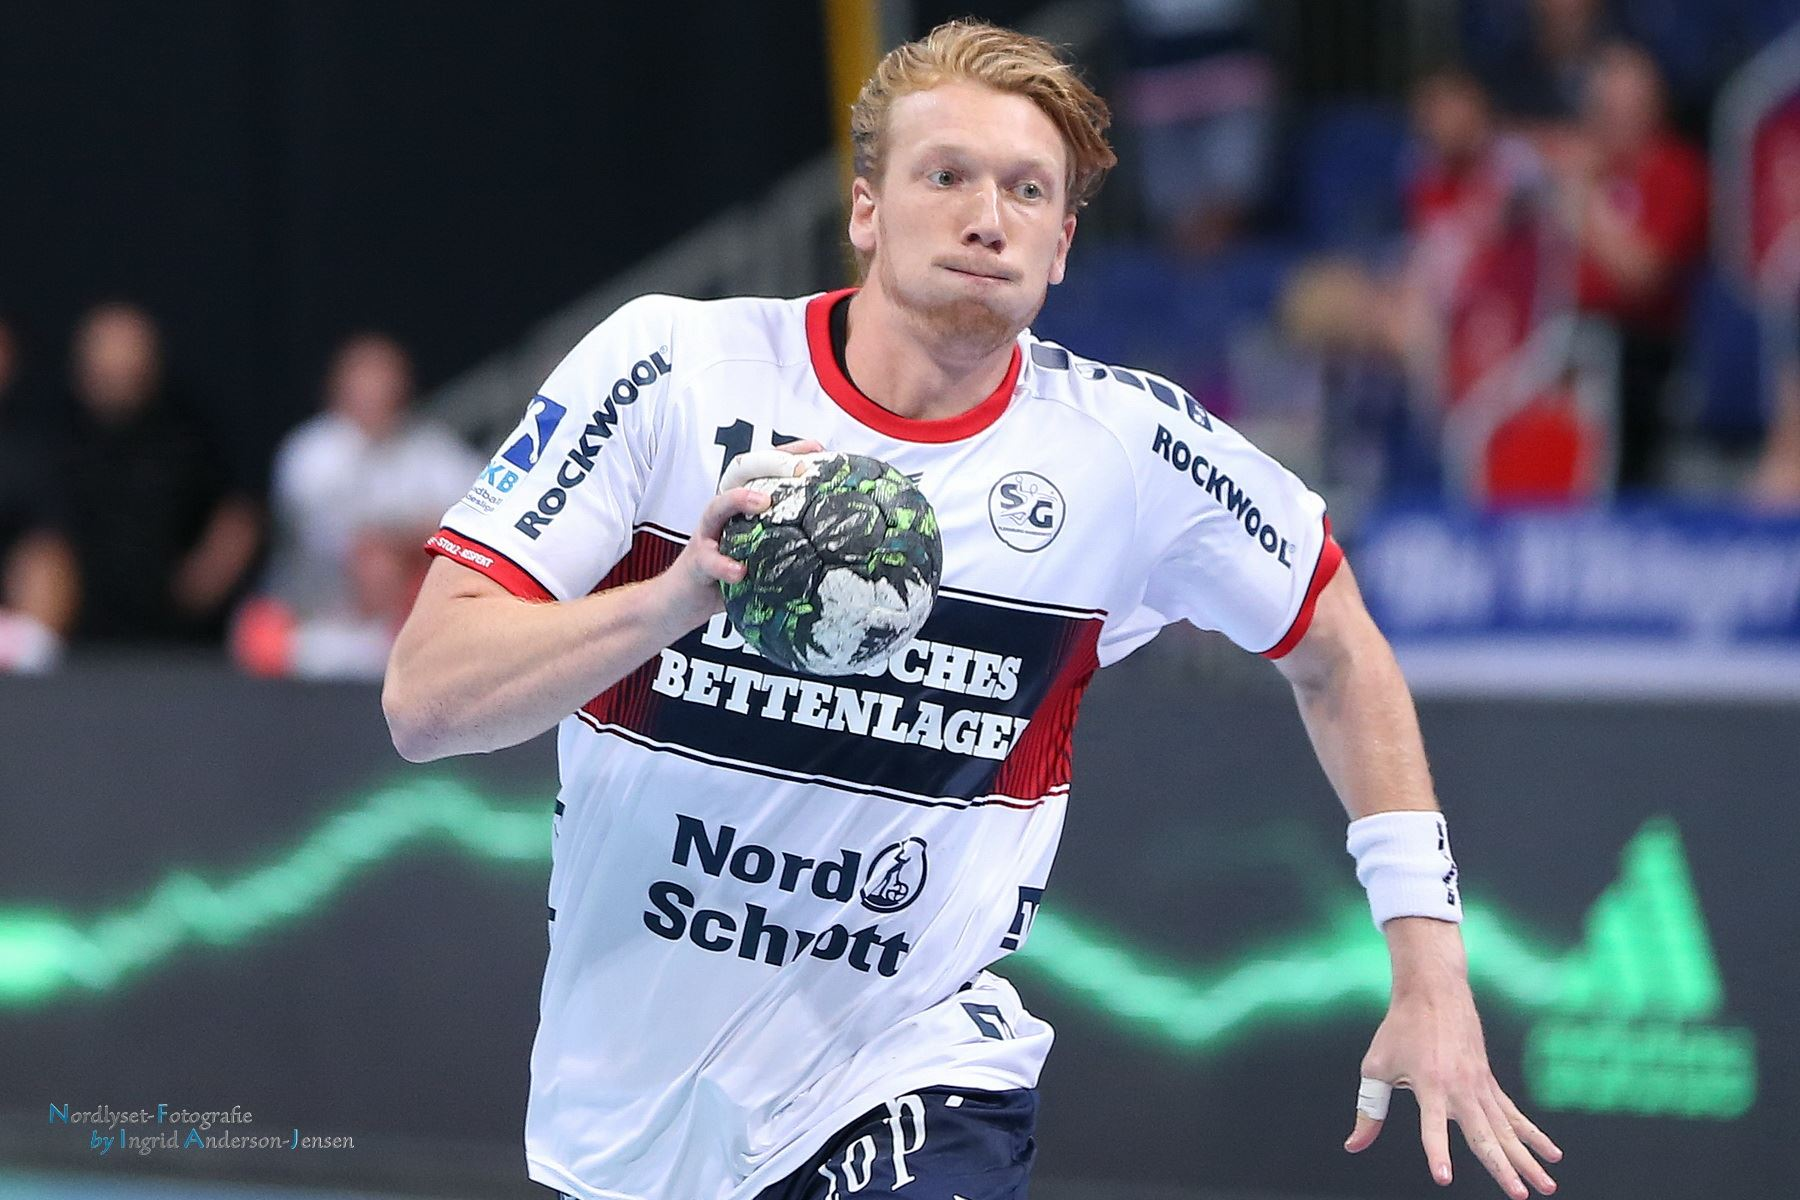 Simon Jeppsson